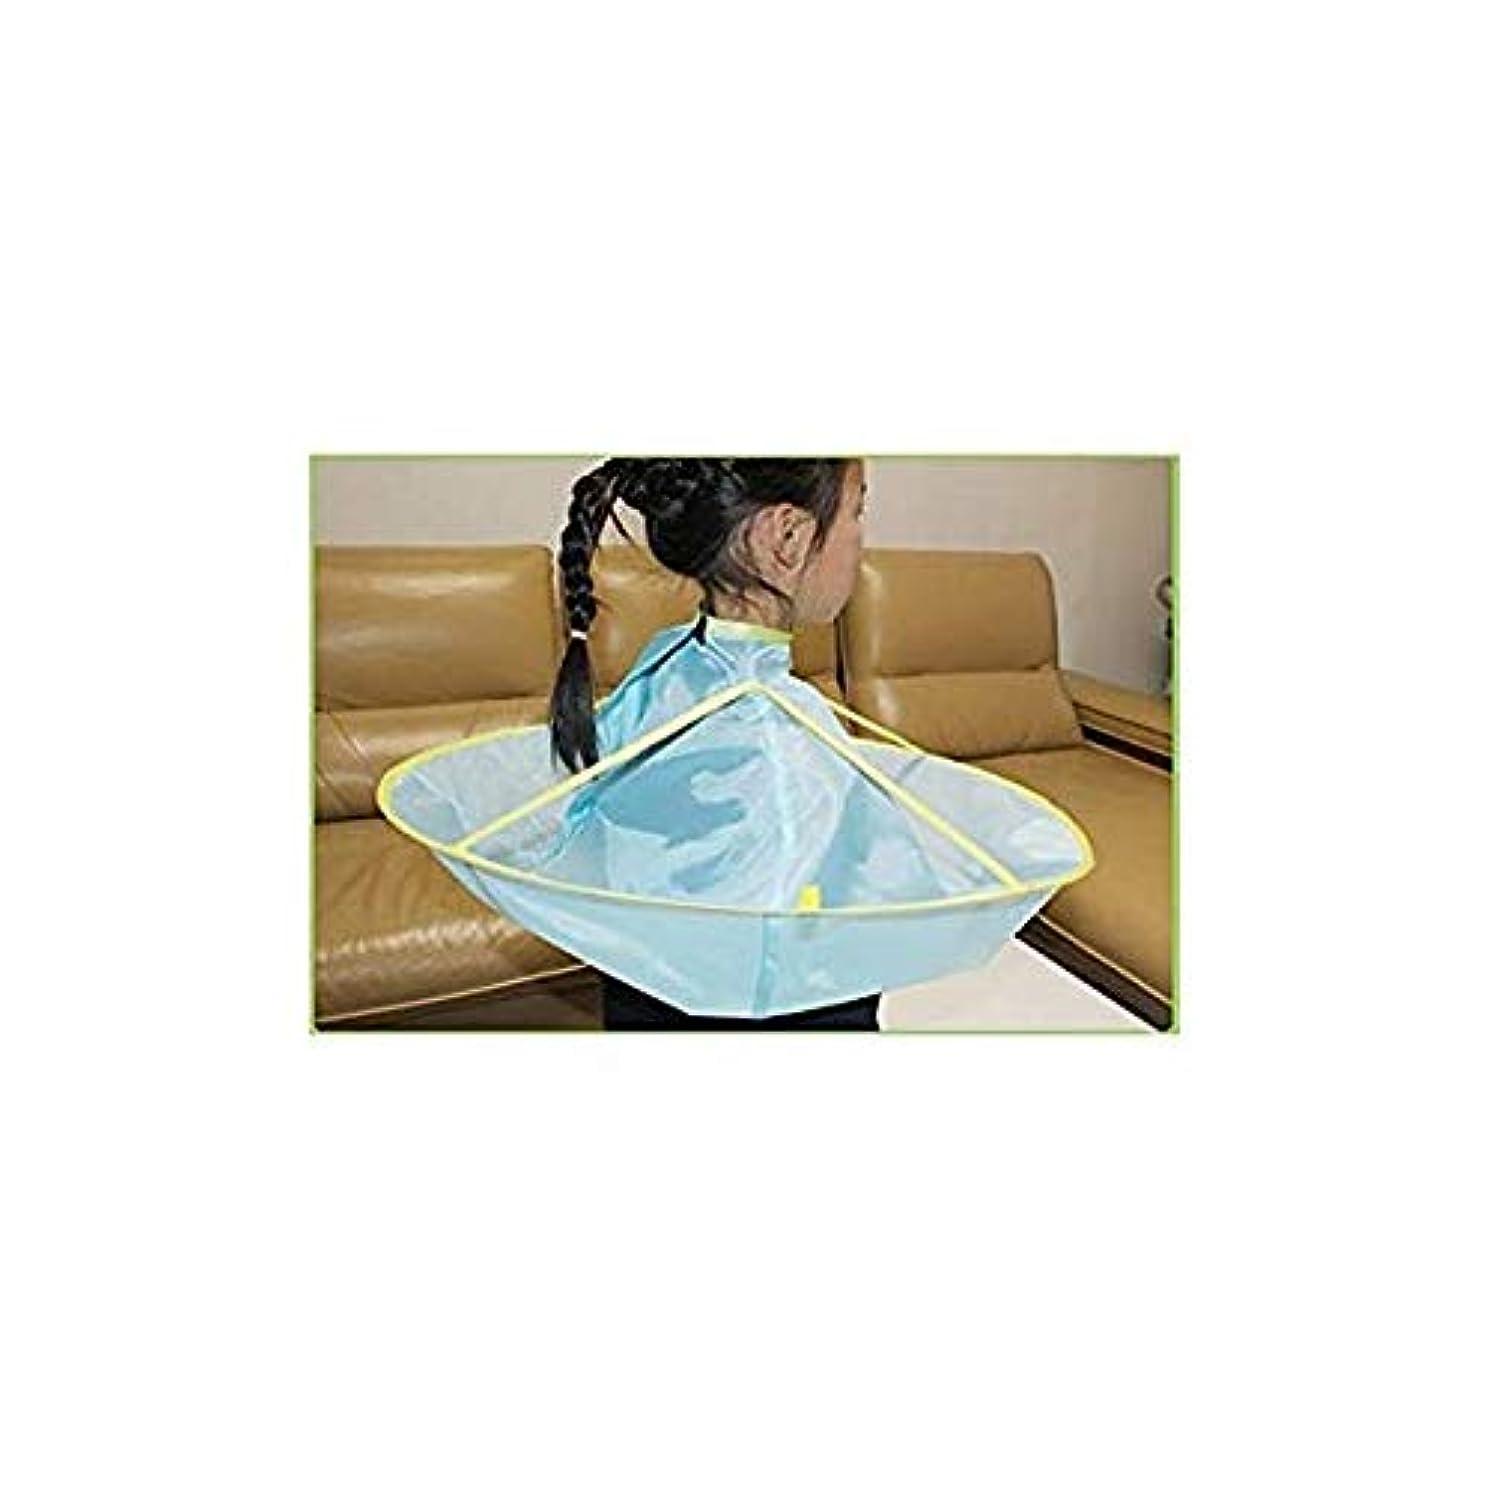 落胆する社説破壊的な散髪ケープ ヘアエプロン 子供 散髪マント 刈布 折り畳み式